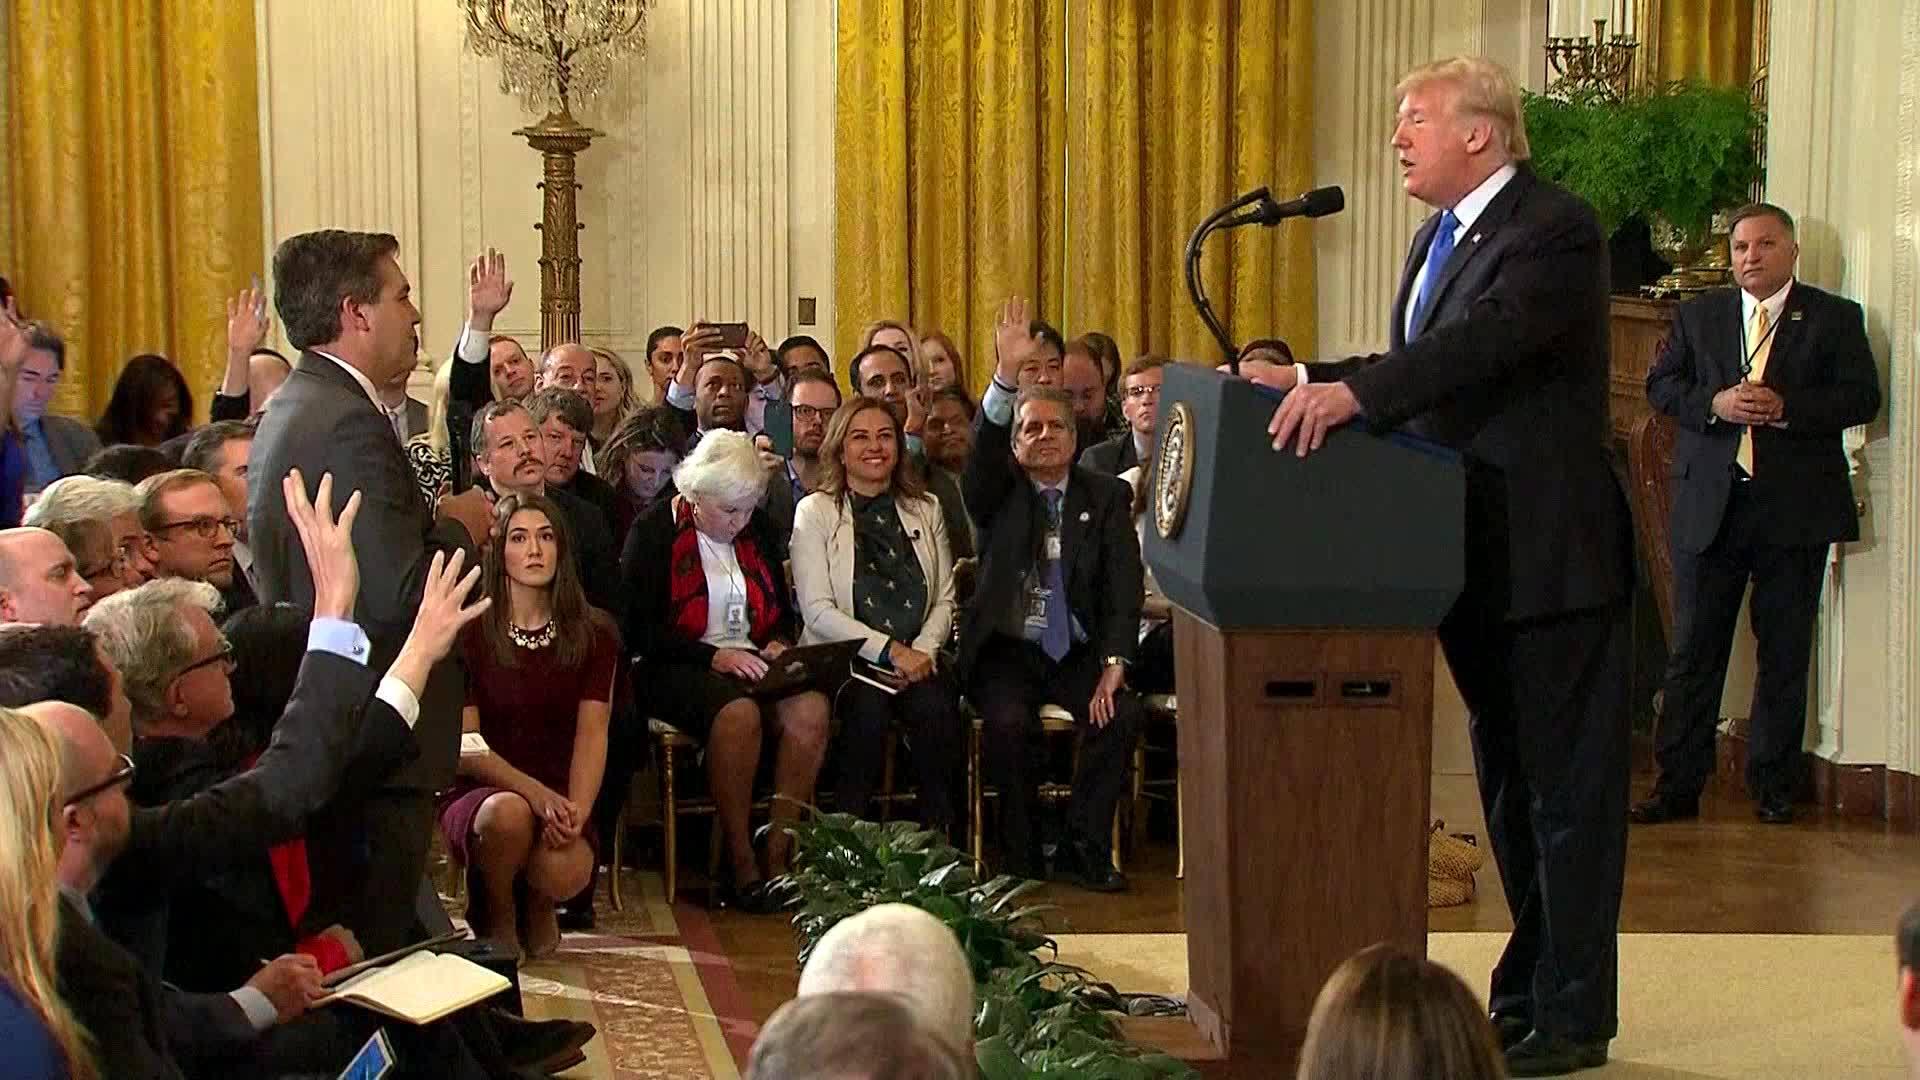 White_House_suspends_CNN_reporter_0_20181108133208